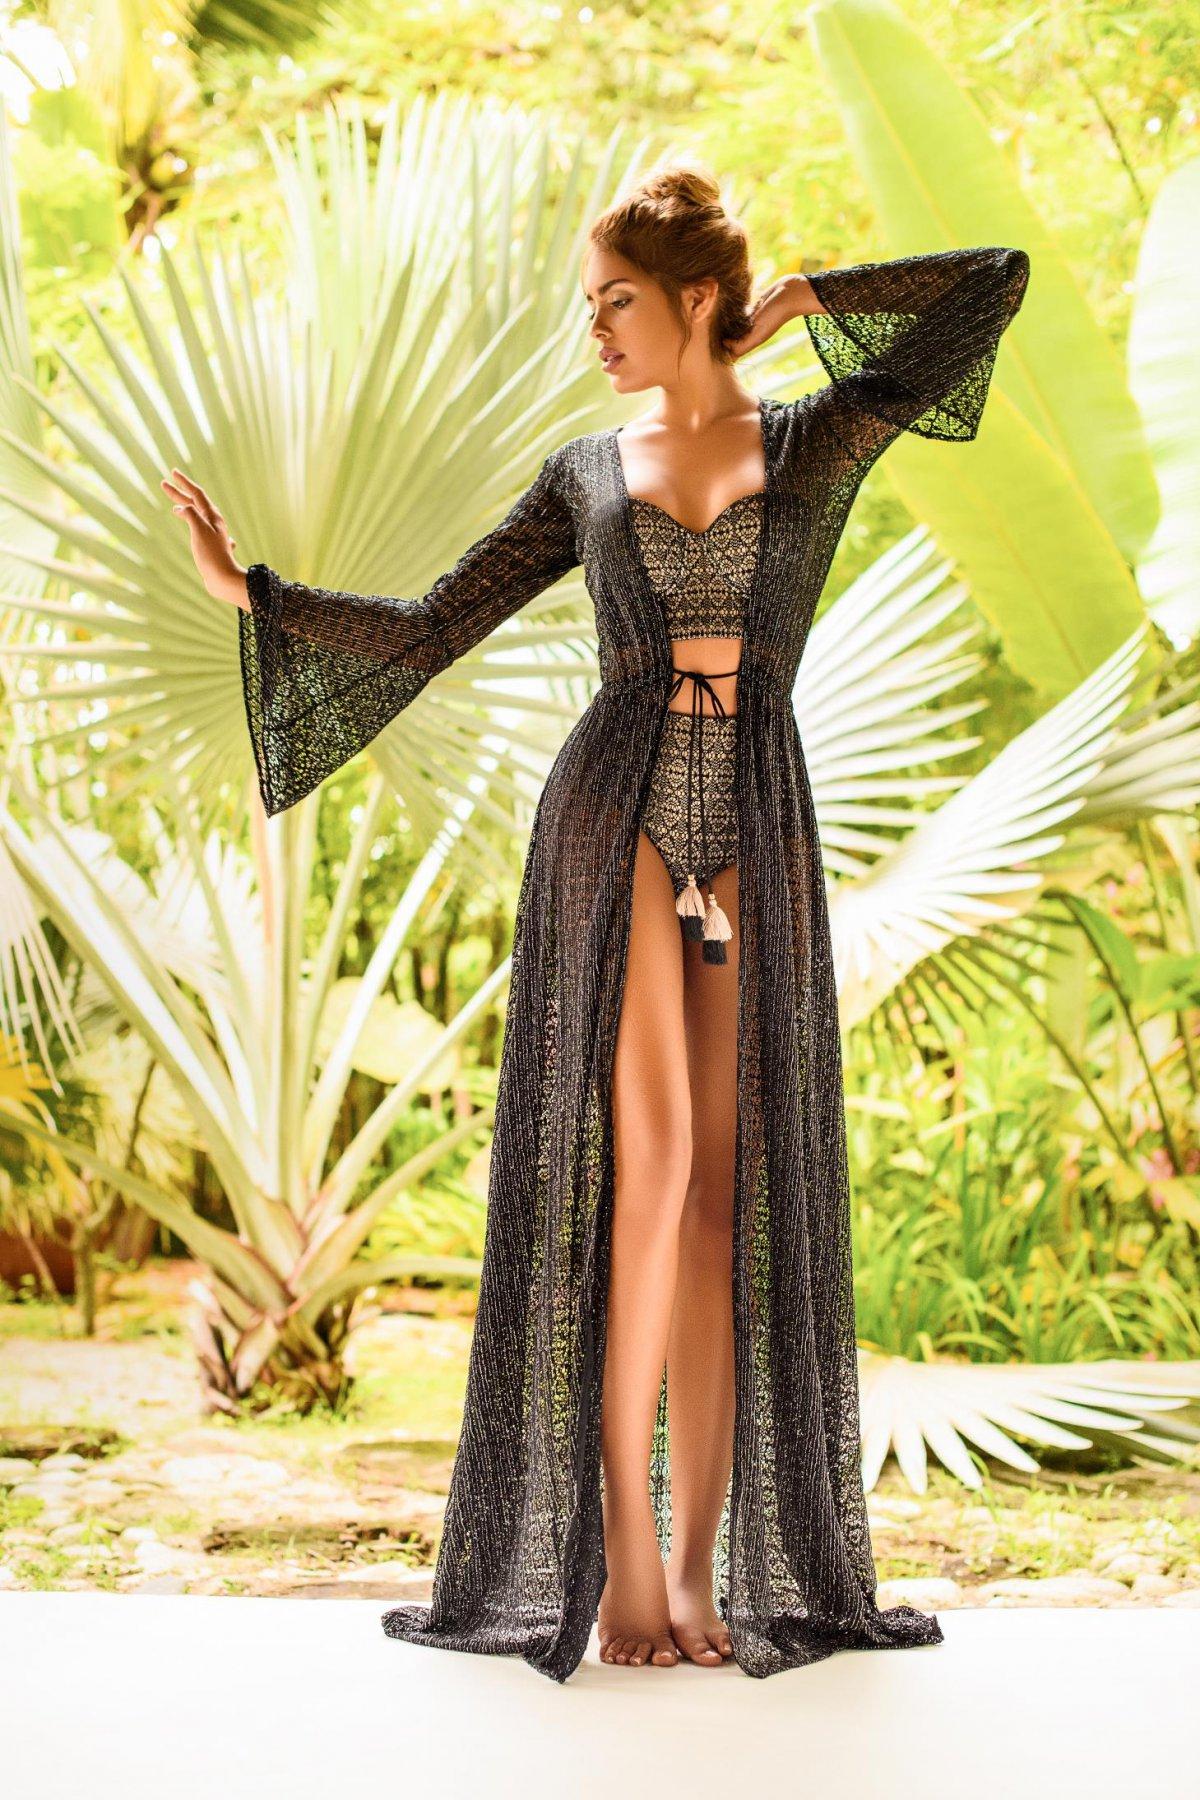 Costum de baie Cosita Linda negru cu slip clasic cu talie inalta si sutien balconette